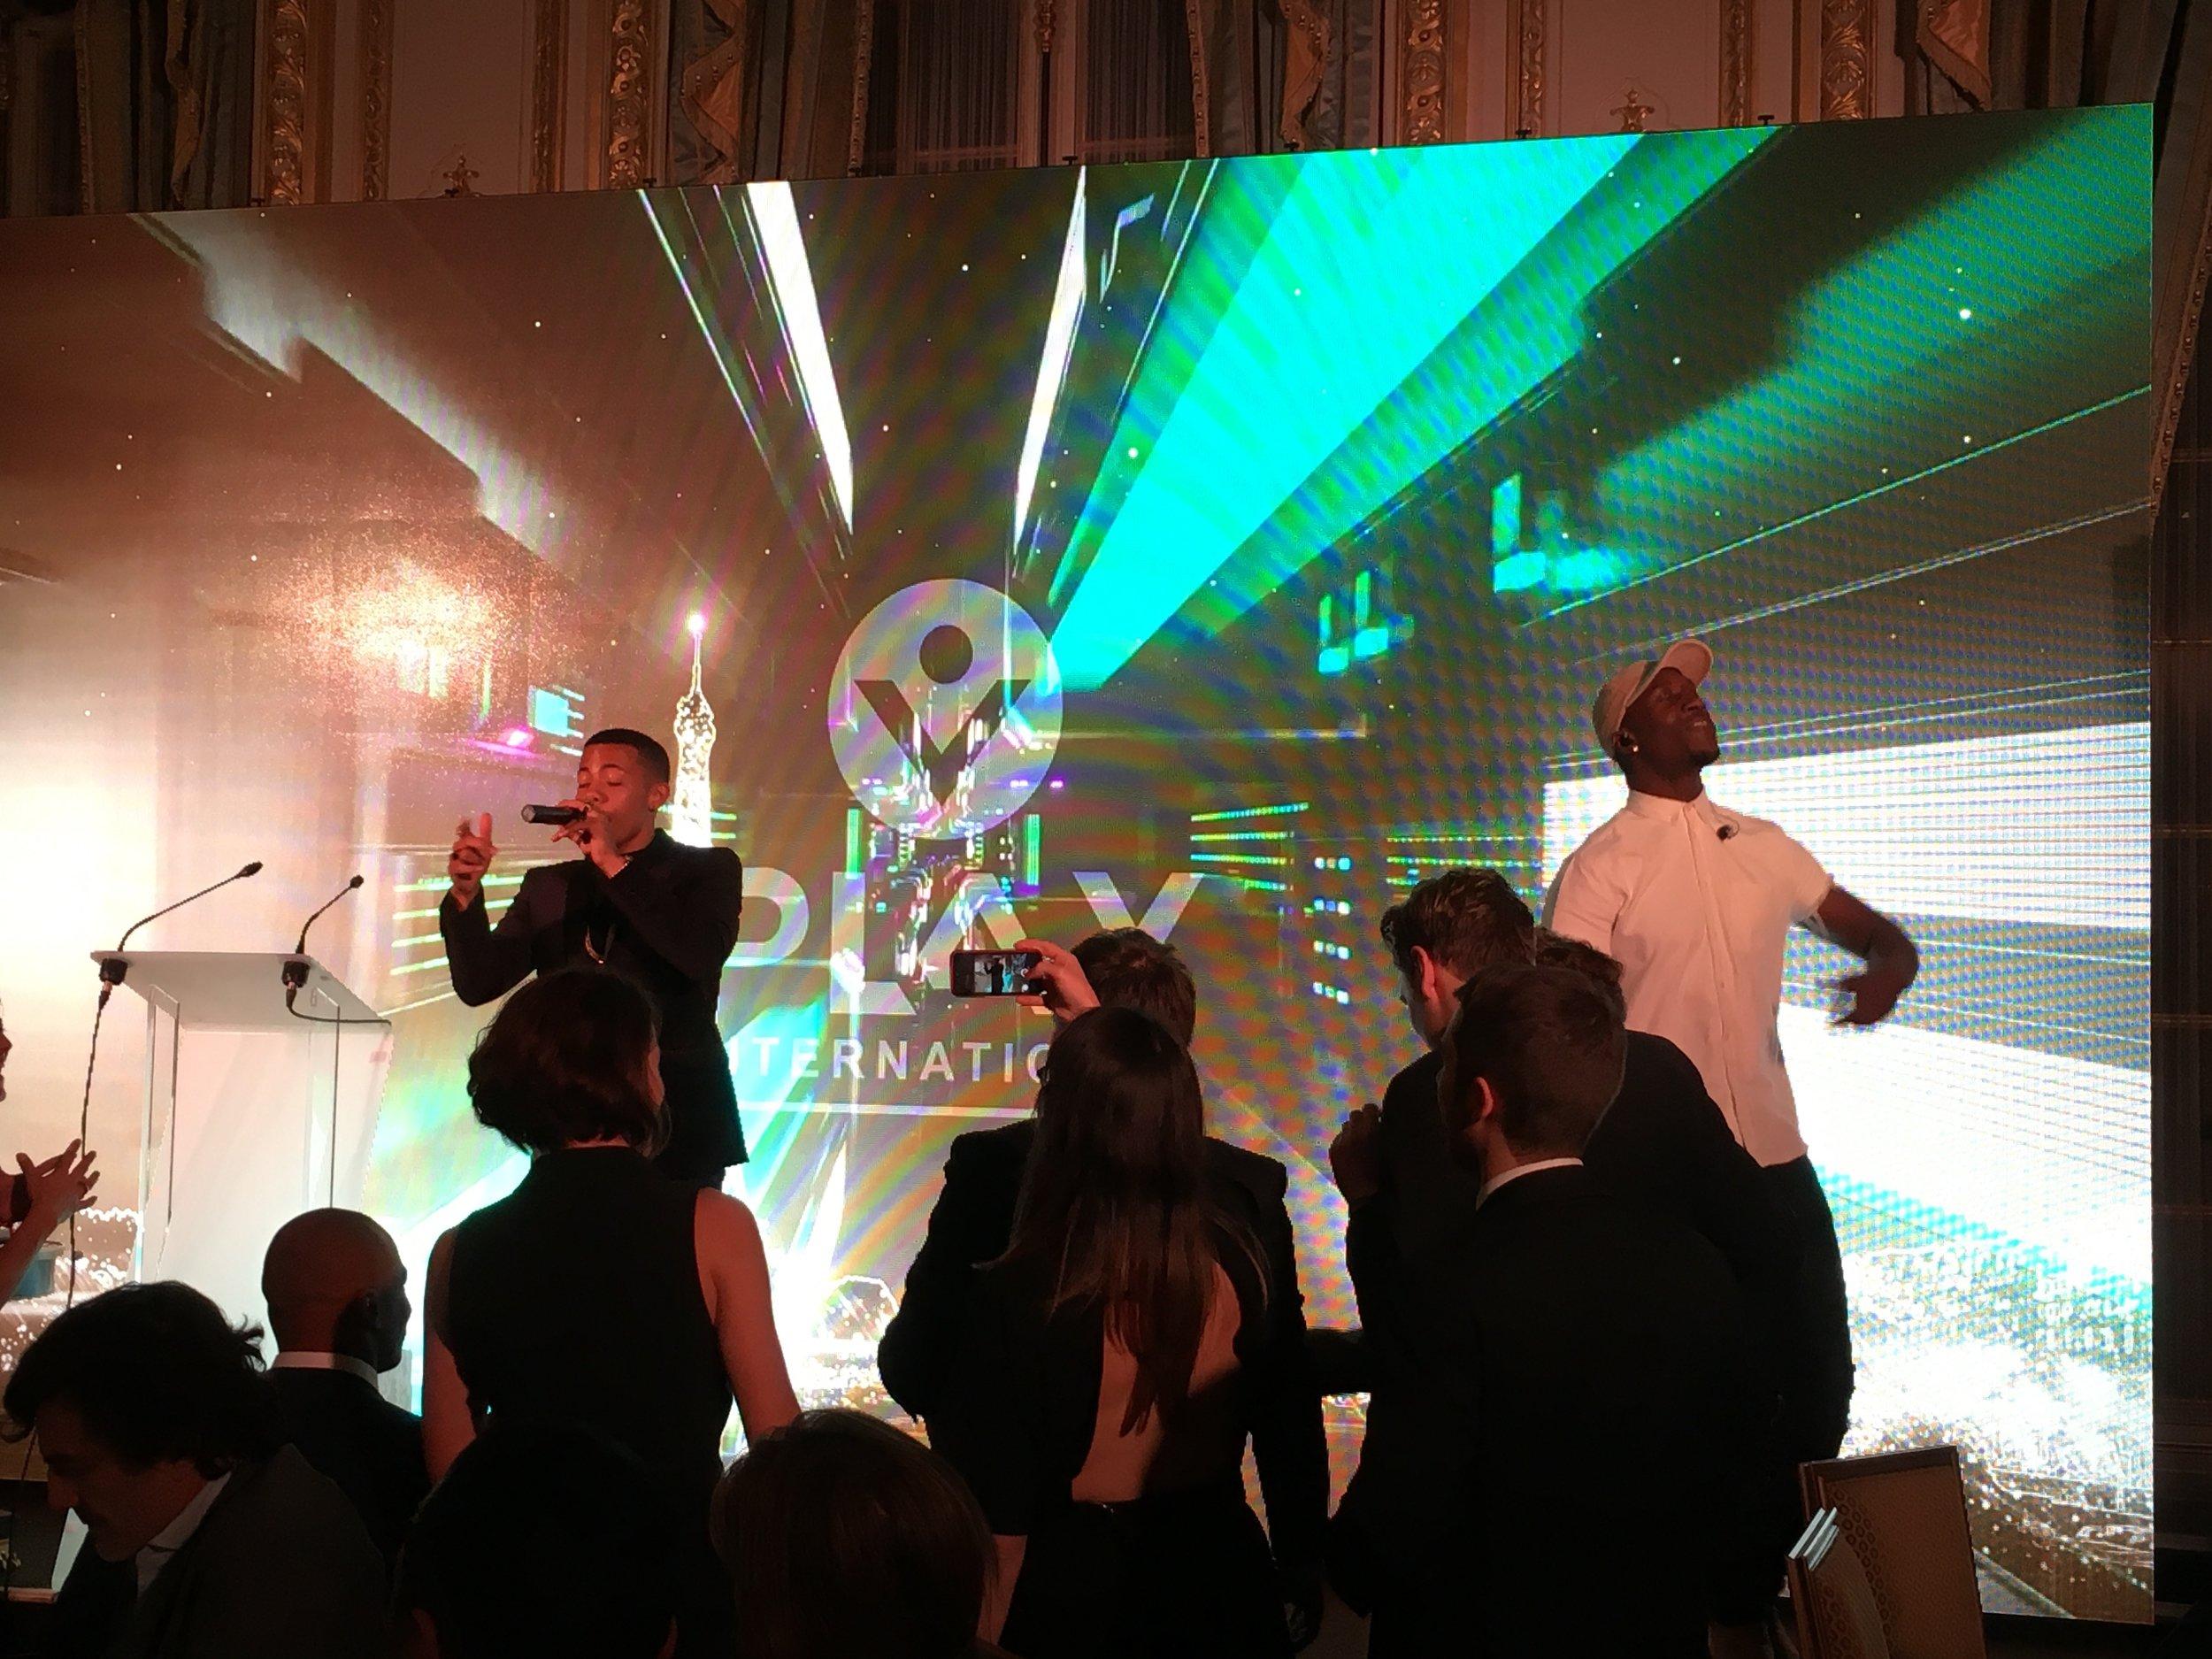 Nico & Vinz performing at PL4Y International Gala in Paris